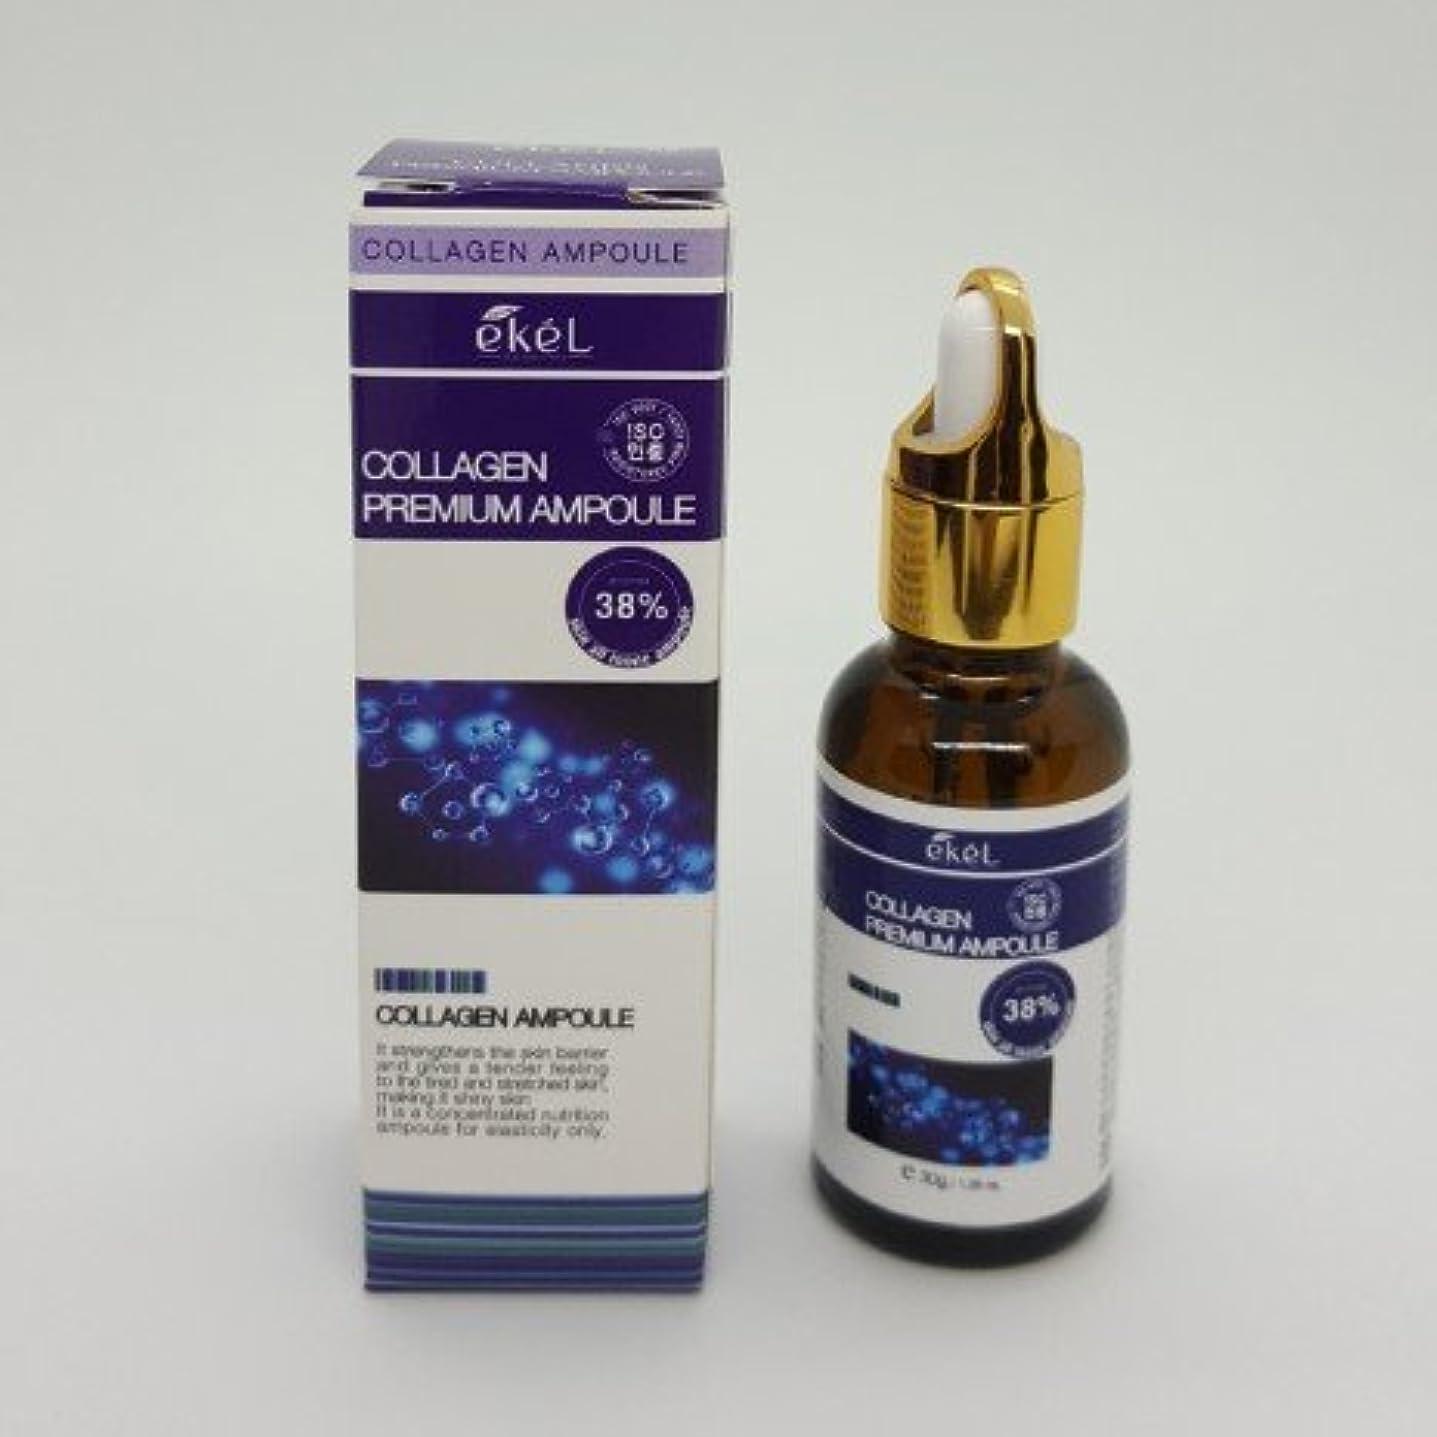 付与拒否きらめき[EKEL] Collagen Premium Ampoule 38% - 30g